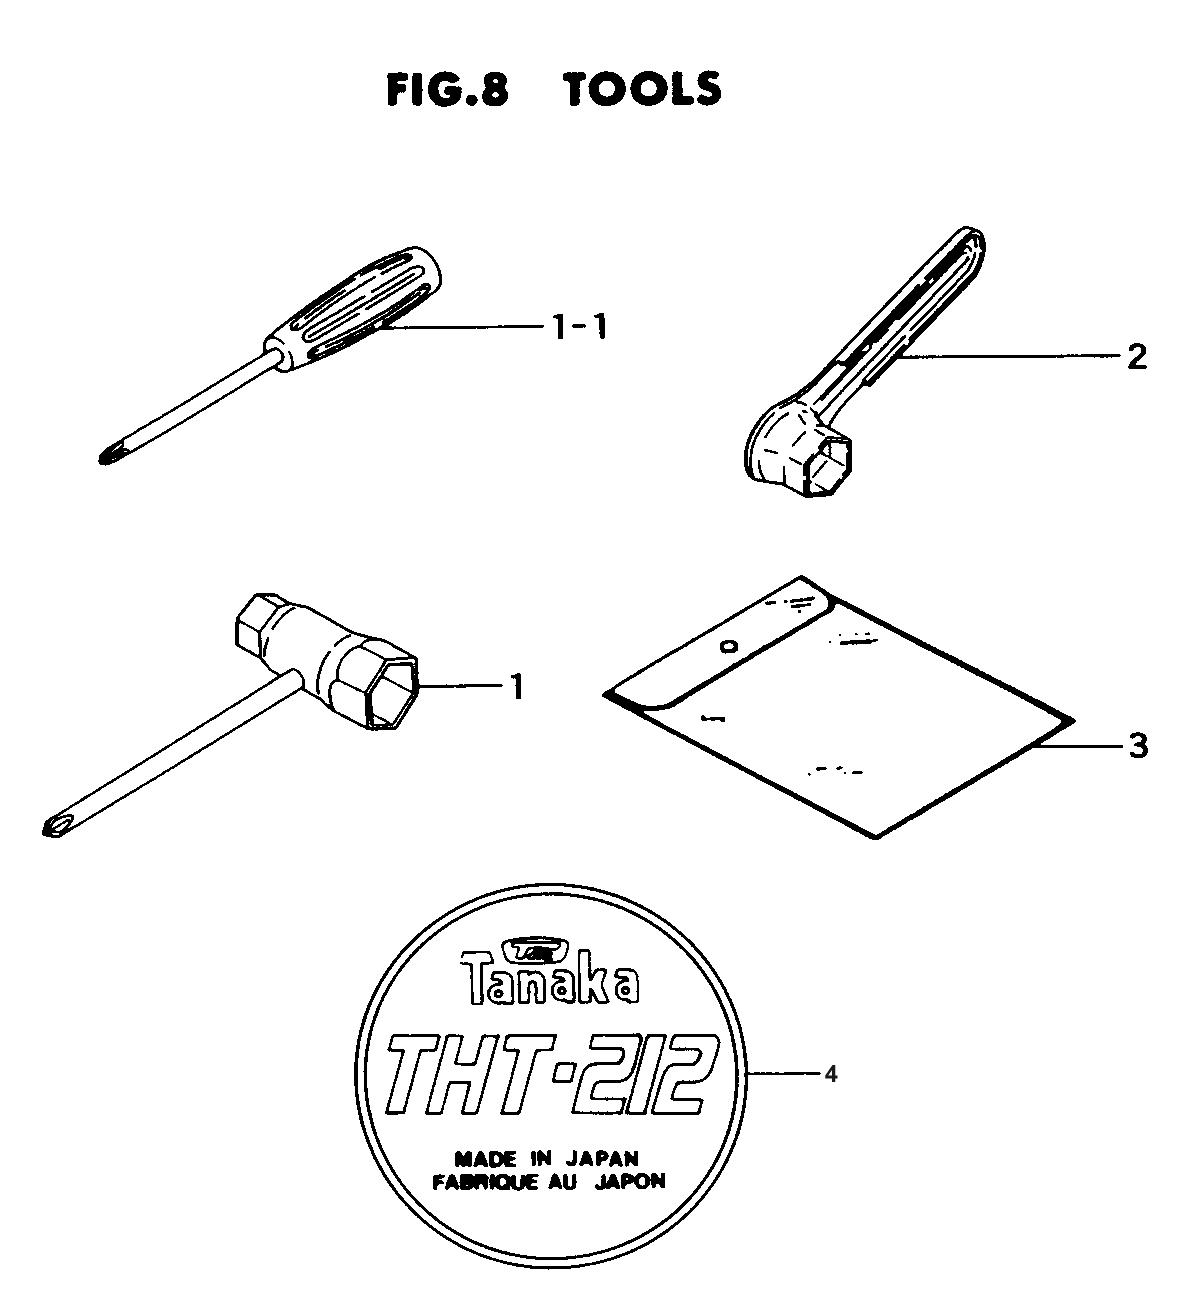 THT-212-Tanaka-PB-7Break Down